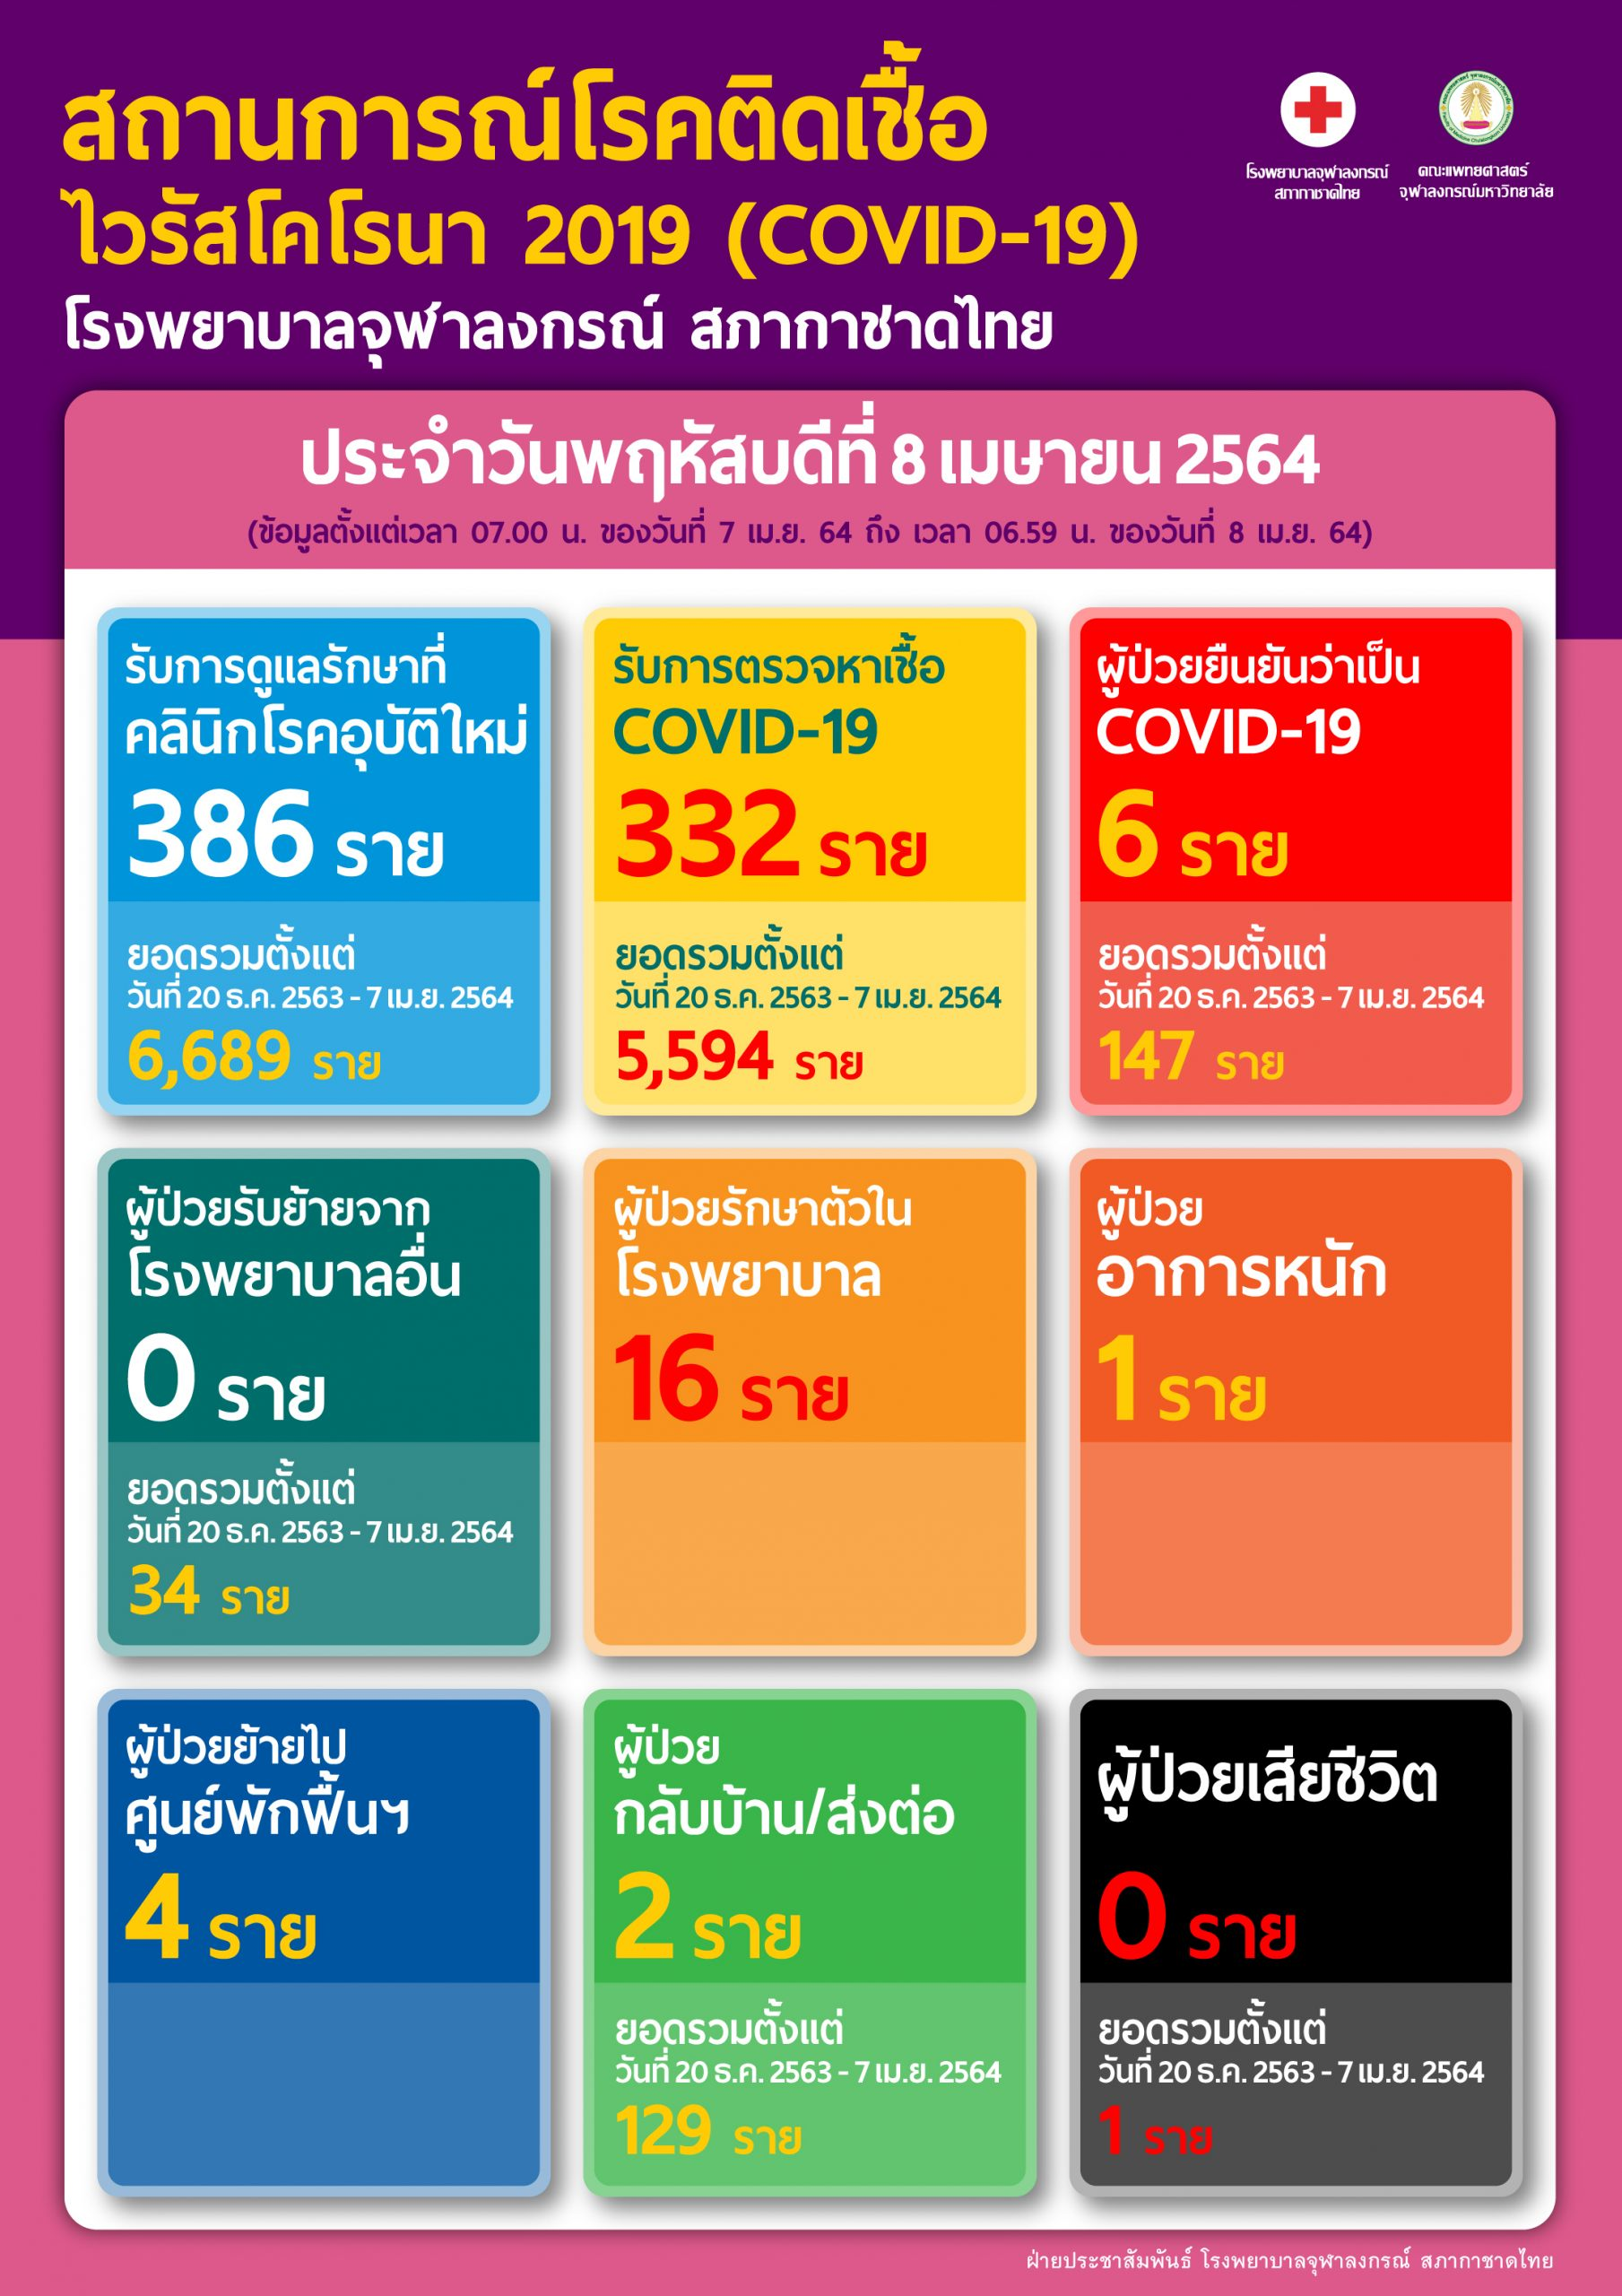 สถานการณ์โรคติดเชื้อ ไวรัสโคโรนา 2019 (COVID-19) โรงพยาบาลจุฬาลงกรณ์ สภากาชาดไทย ประจำวันพฤหัสบดีที่ 8 เมษายน 2564